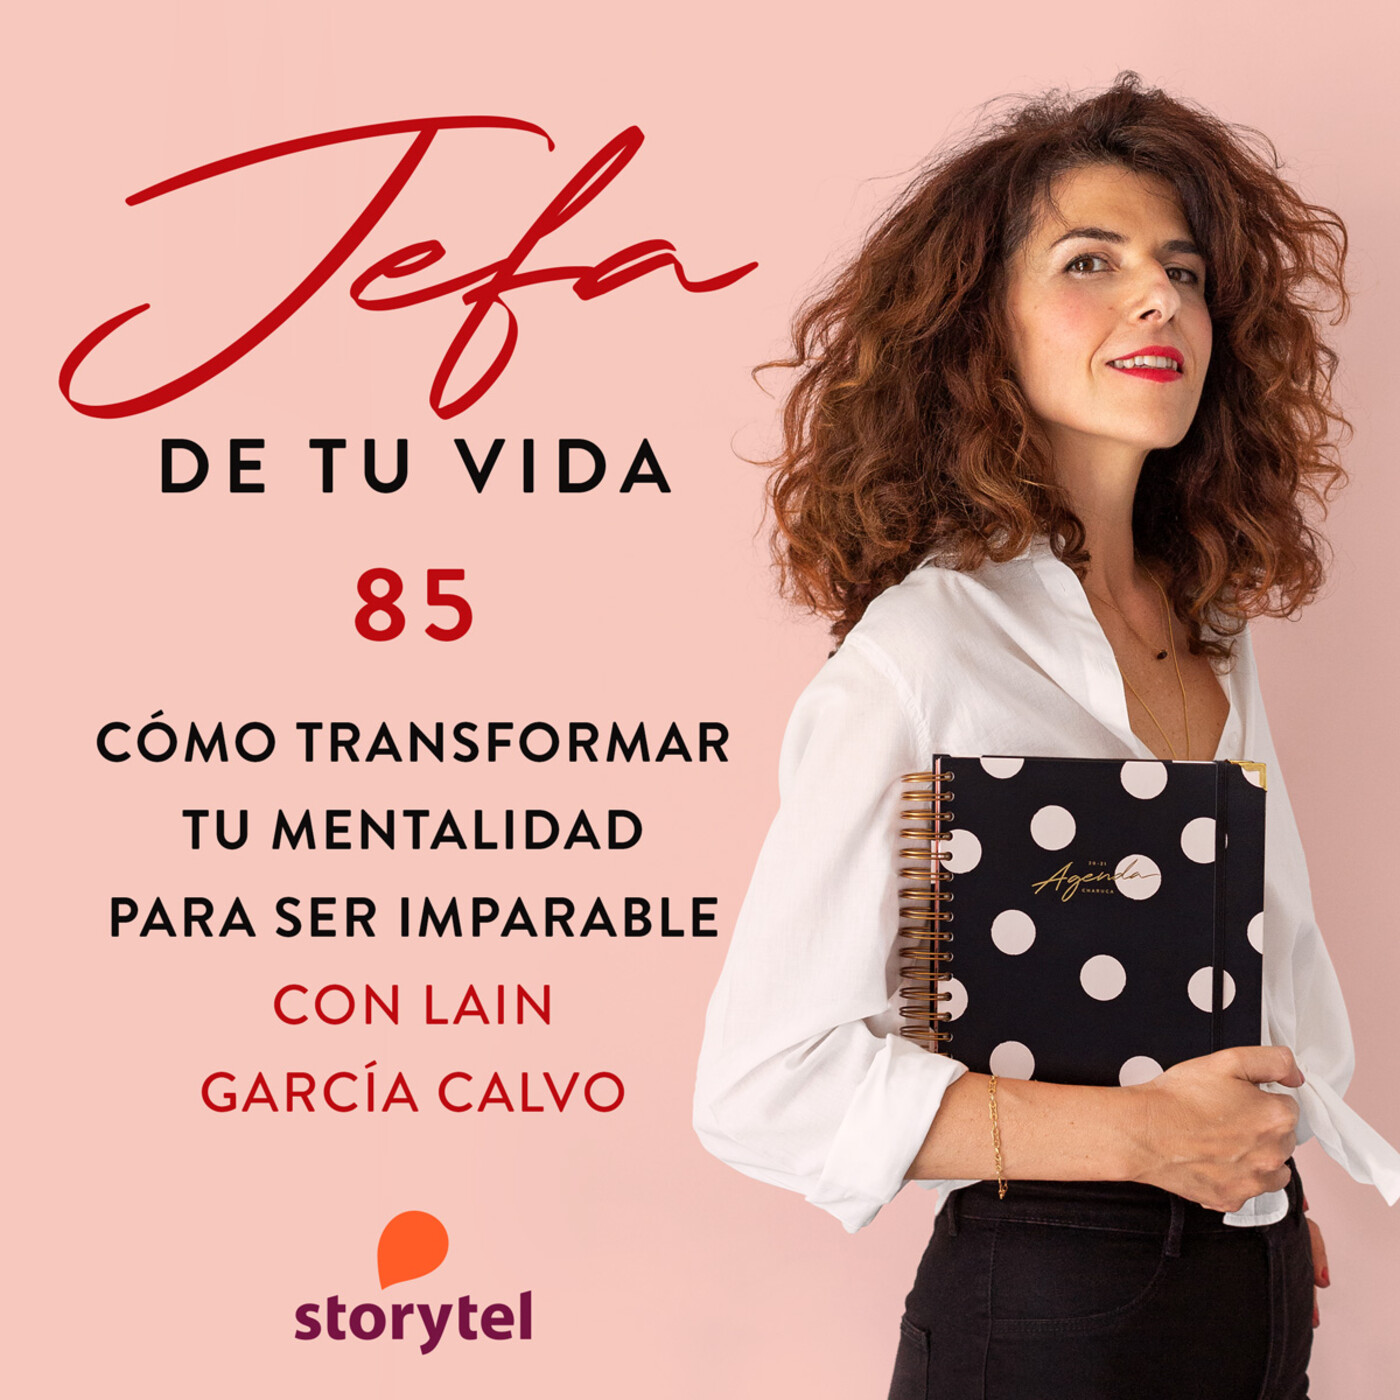 85. Cómo transformar tu mentalidad para ser imparable. Con Lain García Calvo.